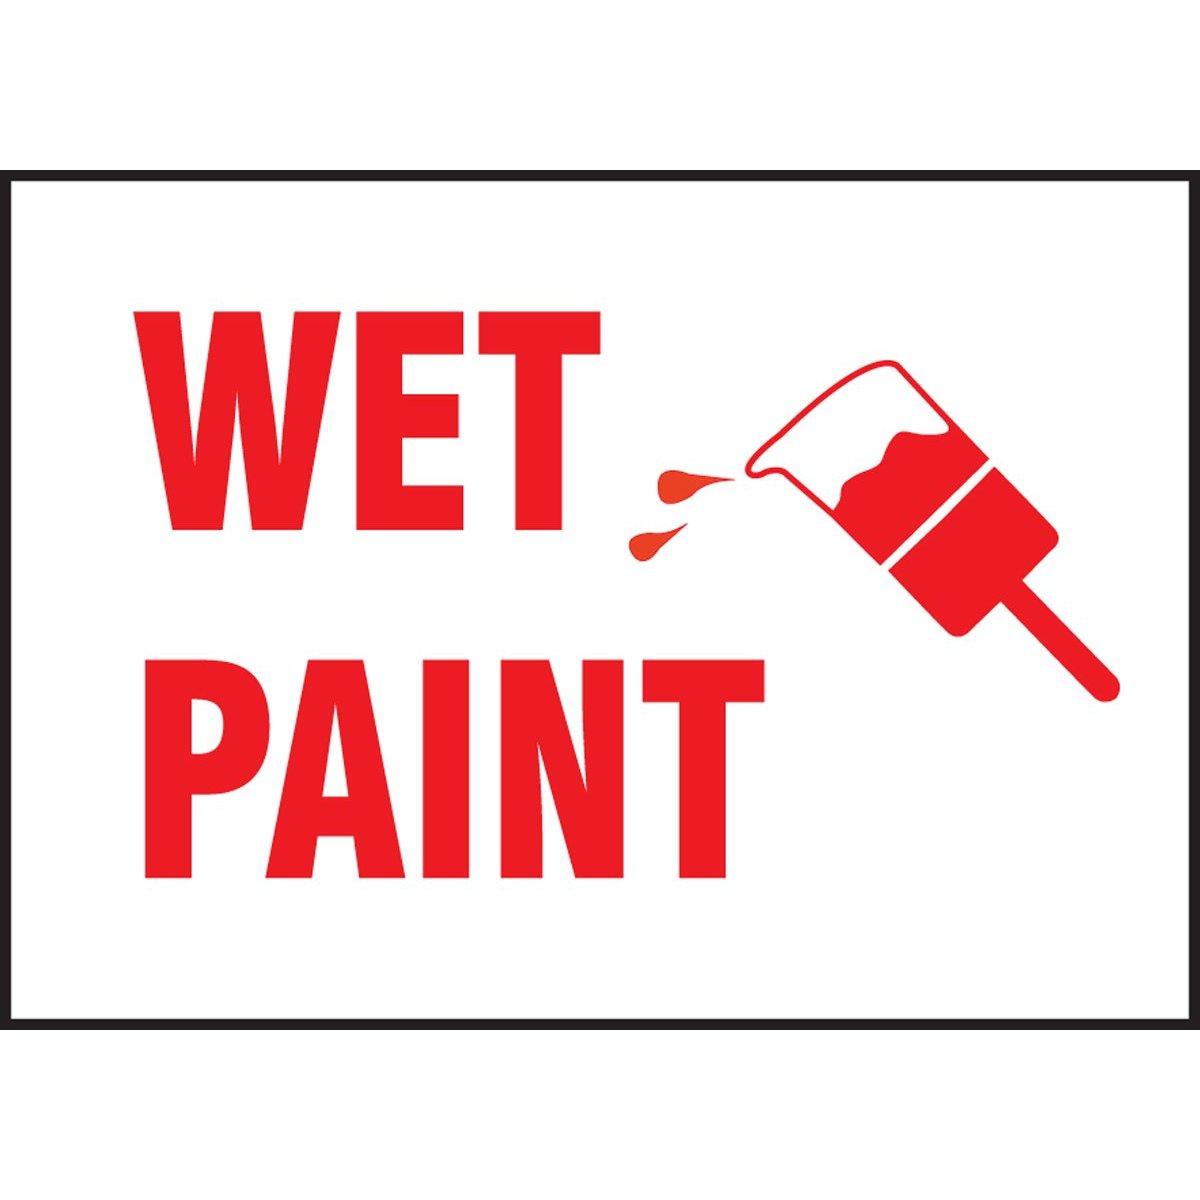 Wet Paint Clipart.